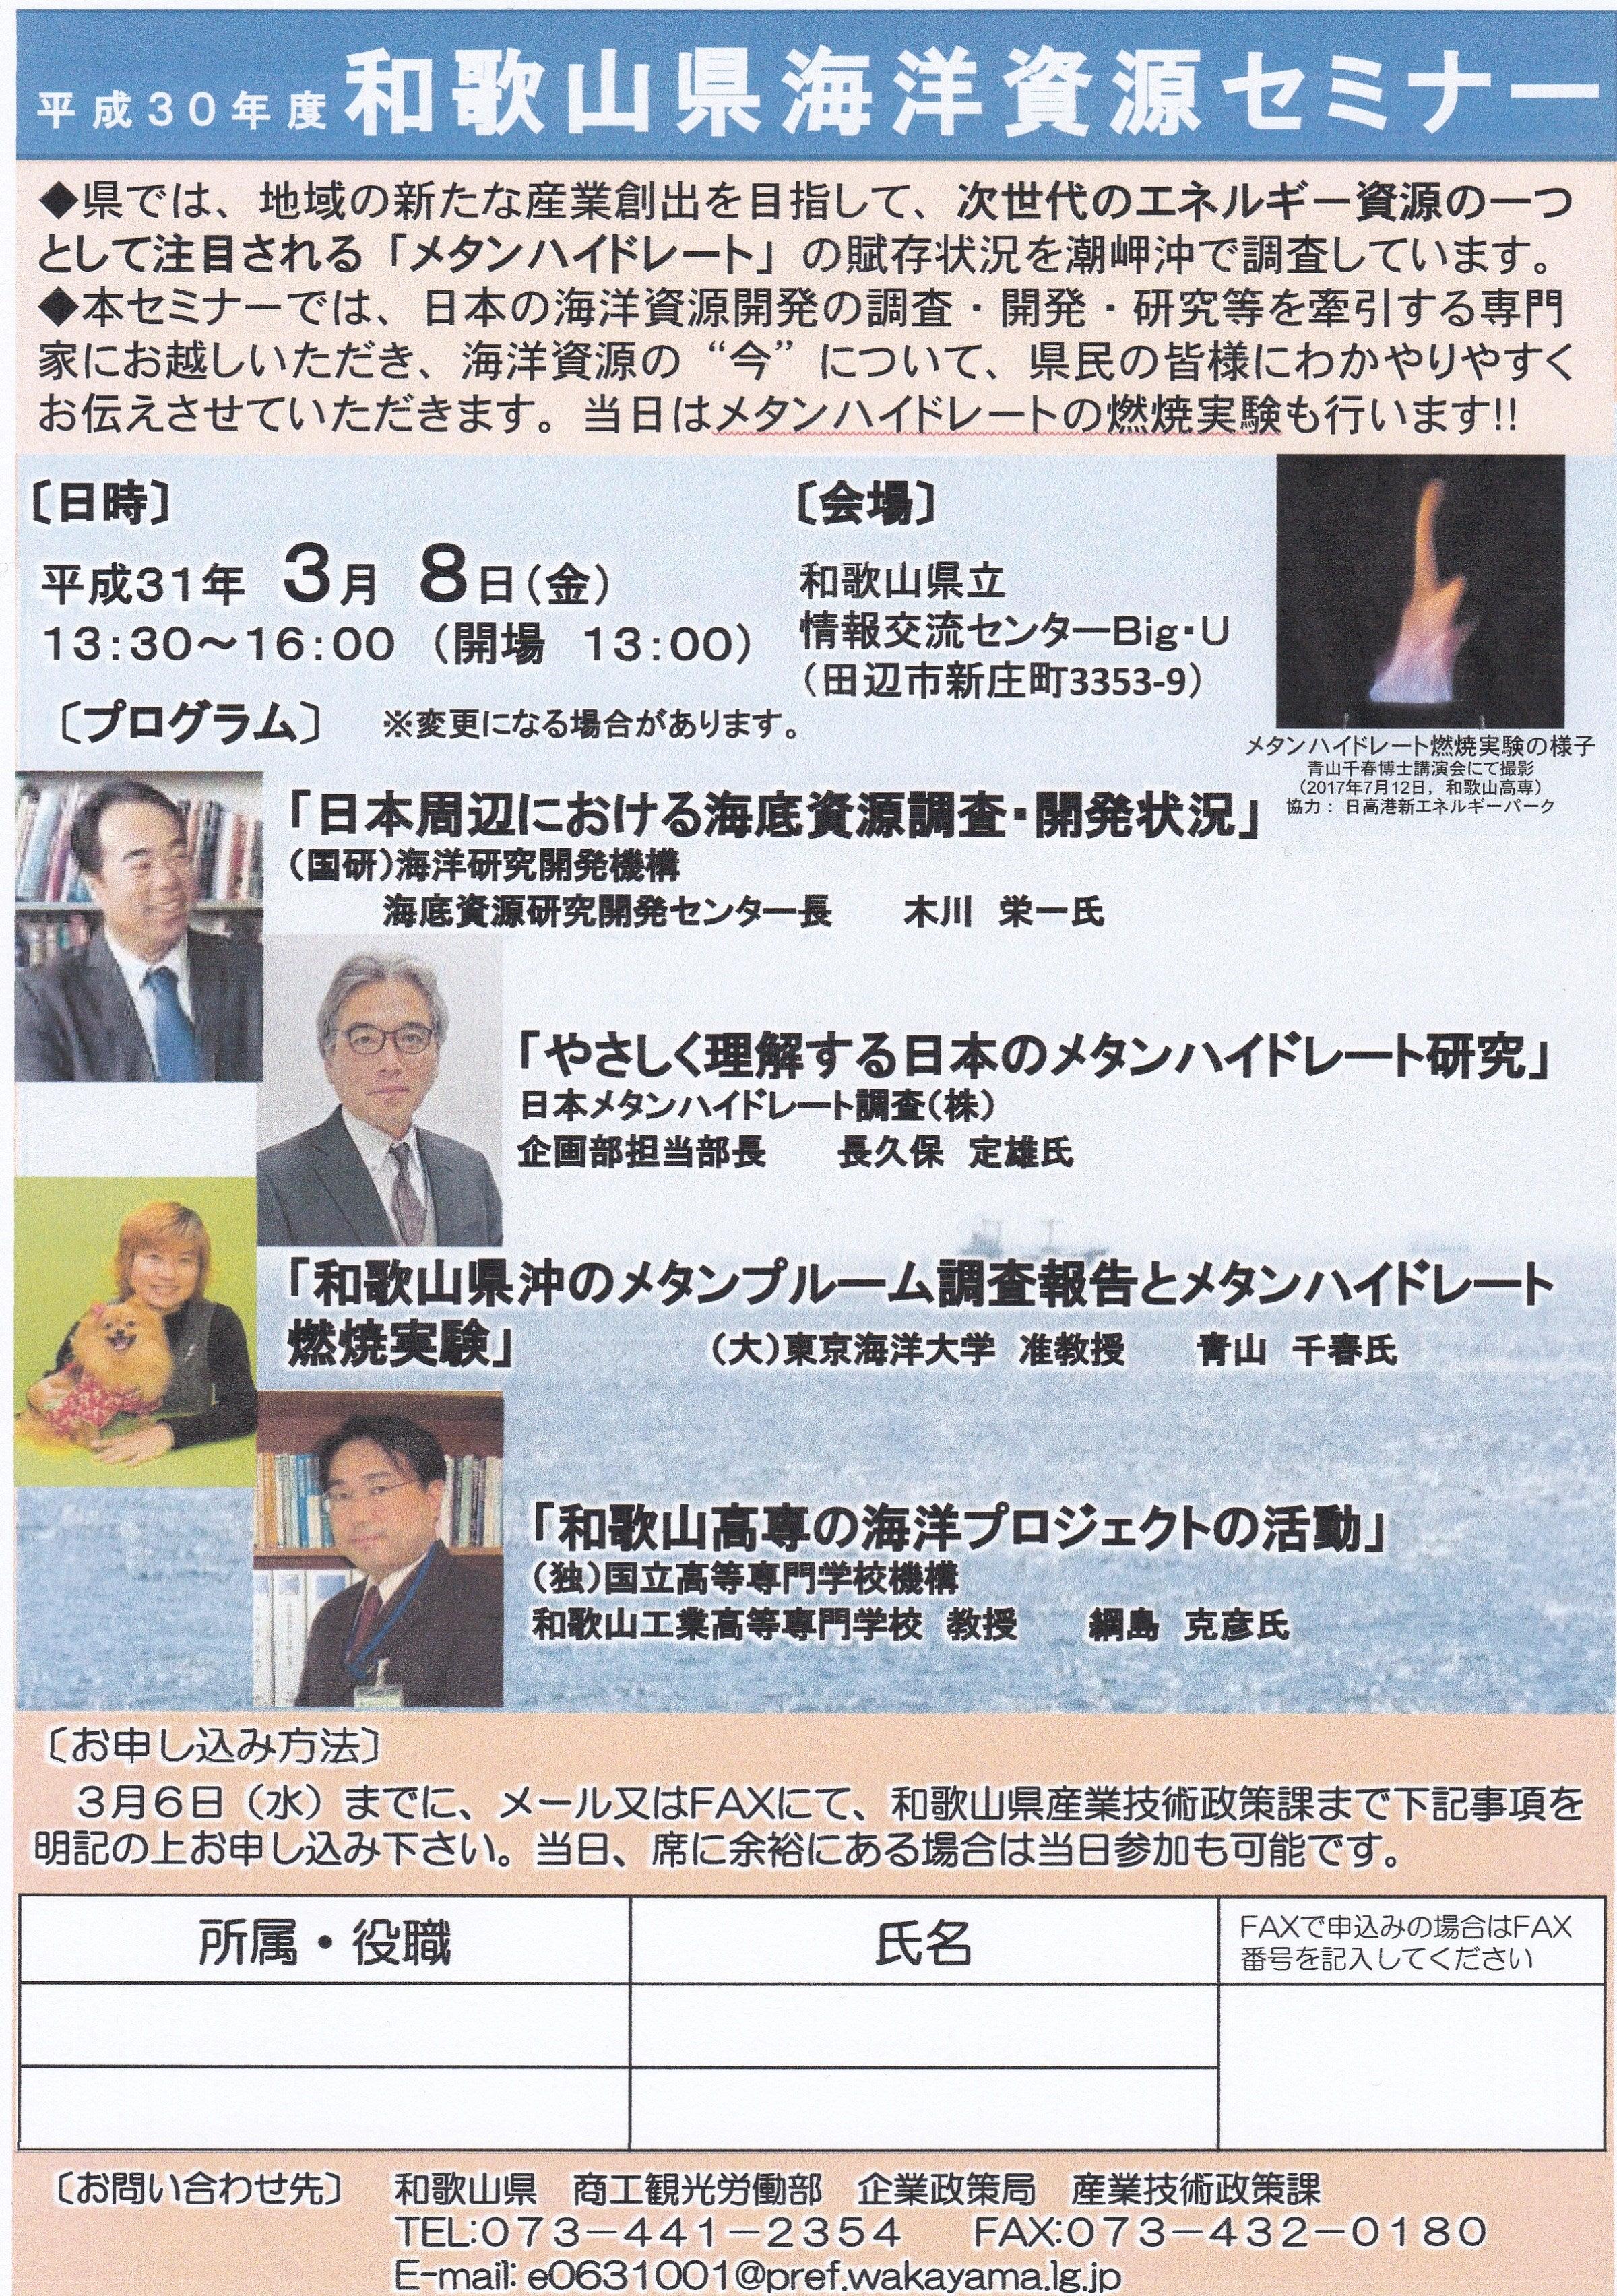 ハイド レート 日本 メタン